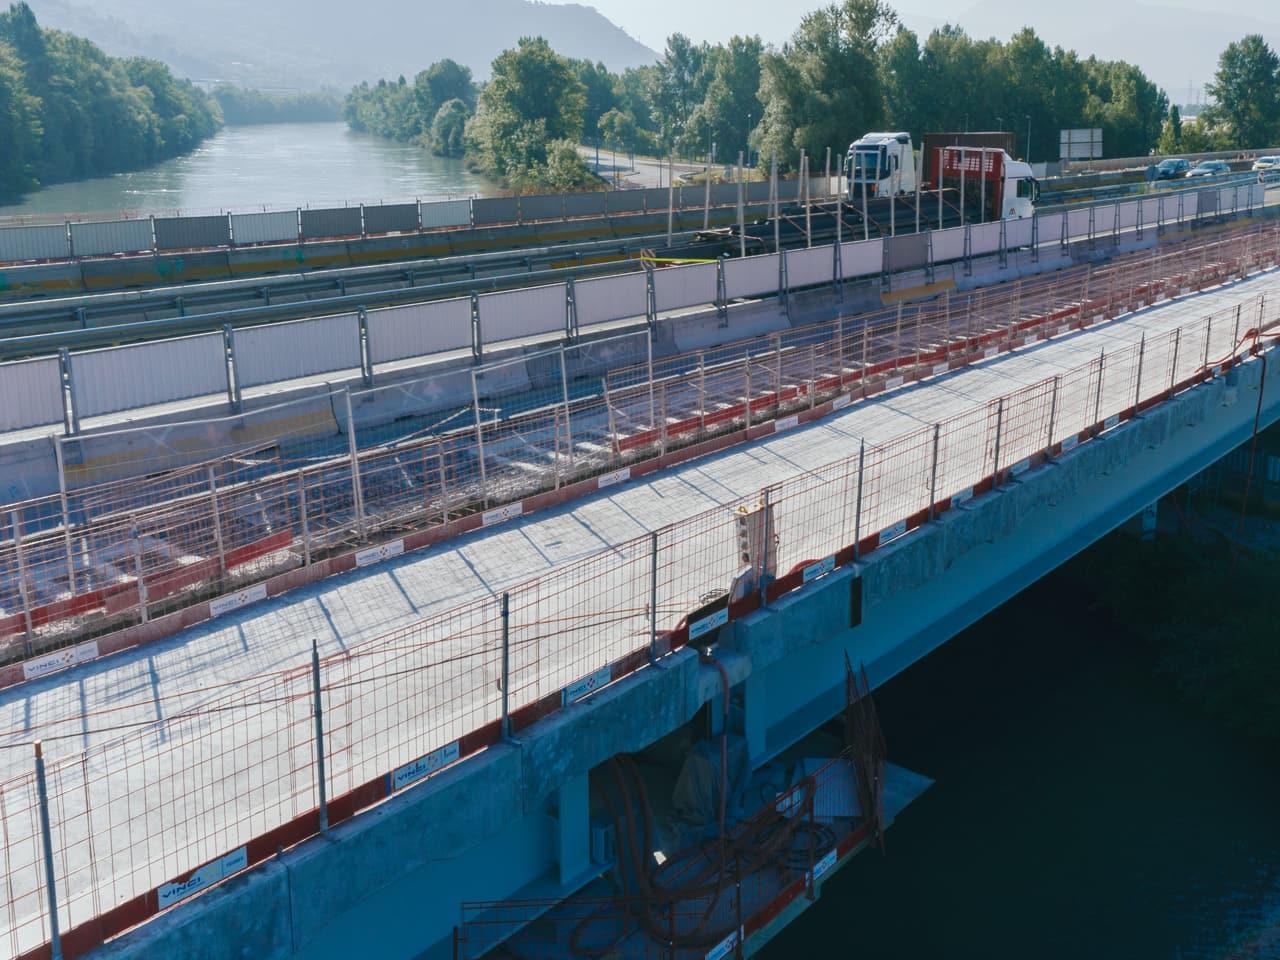 Vidauc de l'Isère sur l'autoroute A480 avant l'opération de clavage